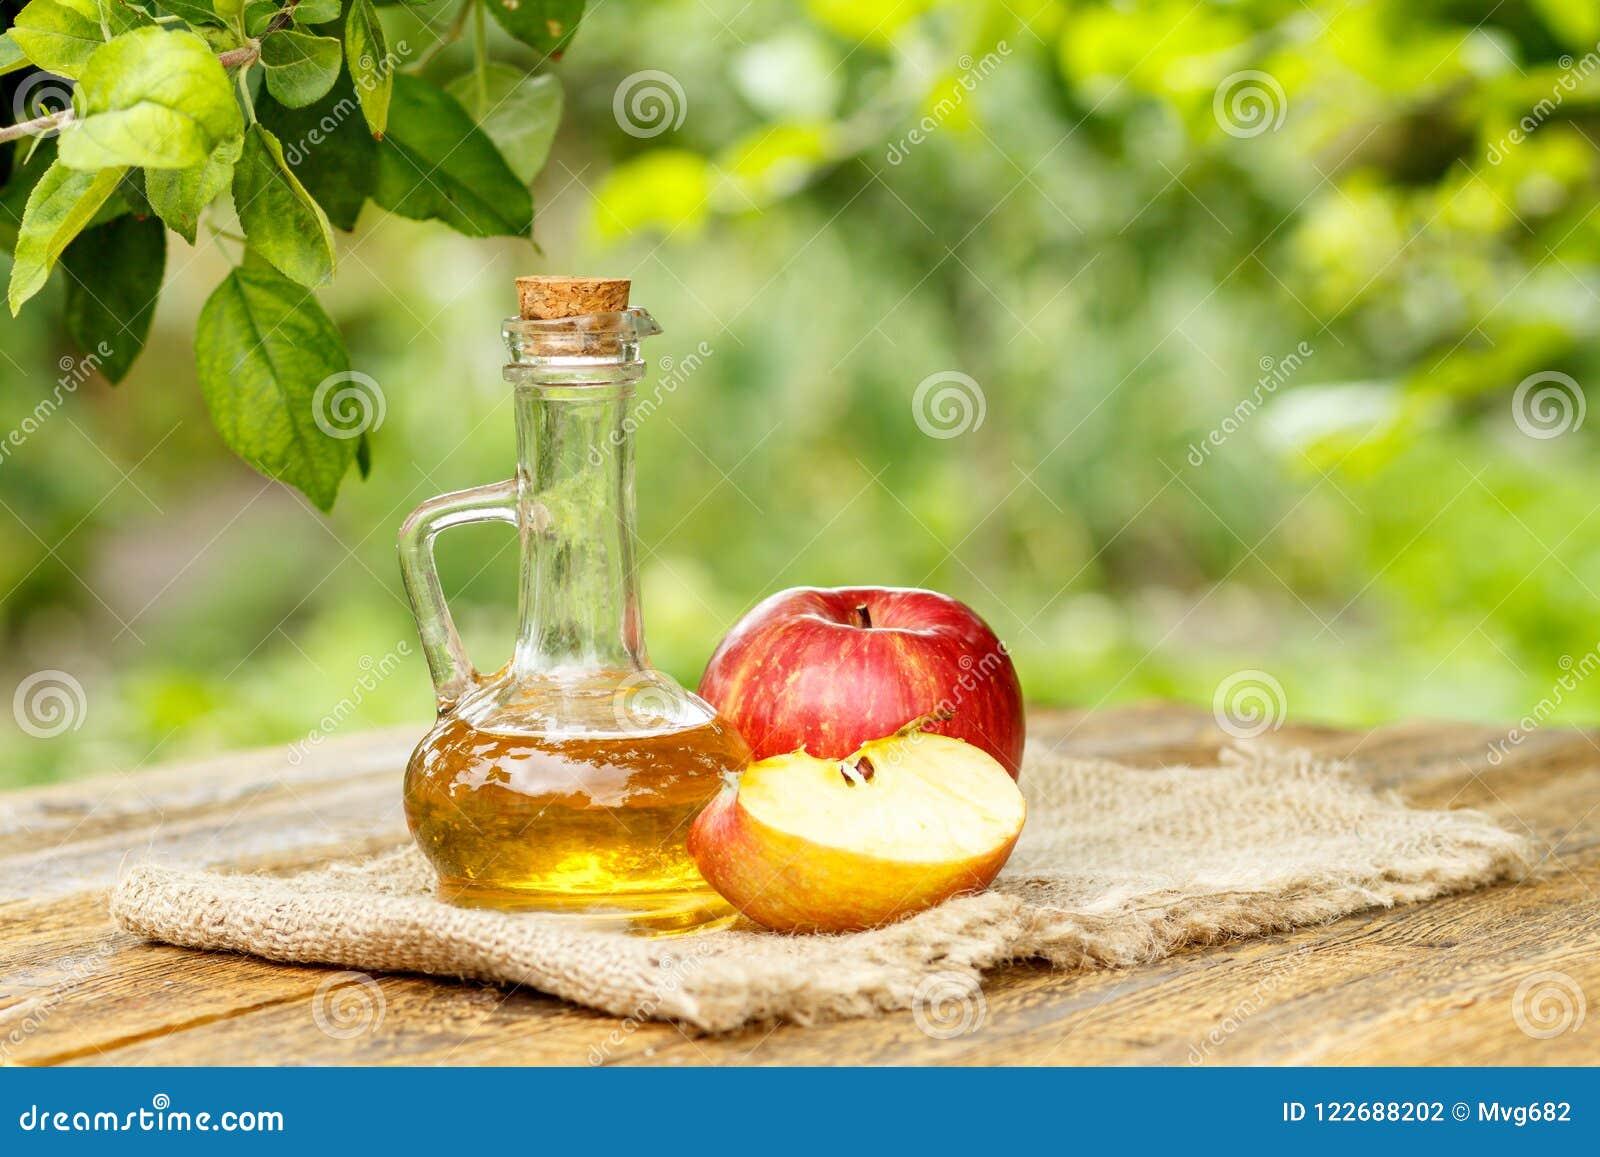 Apple vinäger i glasflaska och nya röda äpplen på träboa